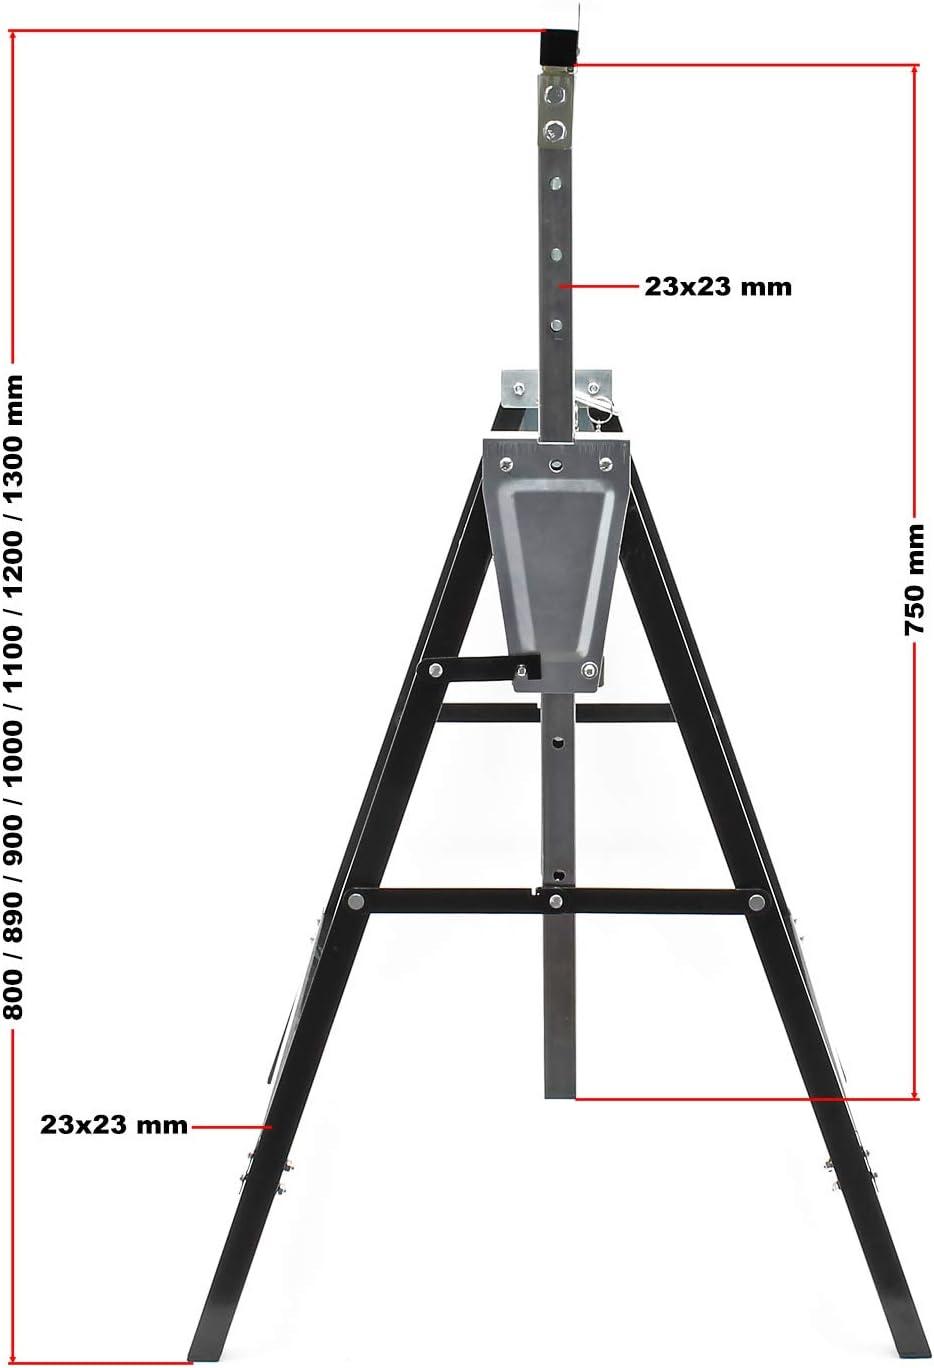 Cavalletti per ponteggio Cavalletto pieghevole telescopico da cantiere 2 pezzi